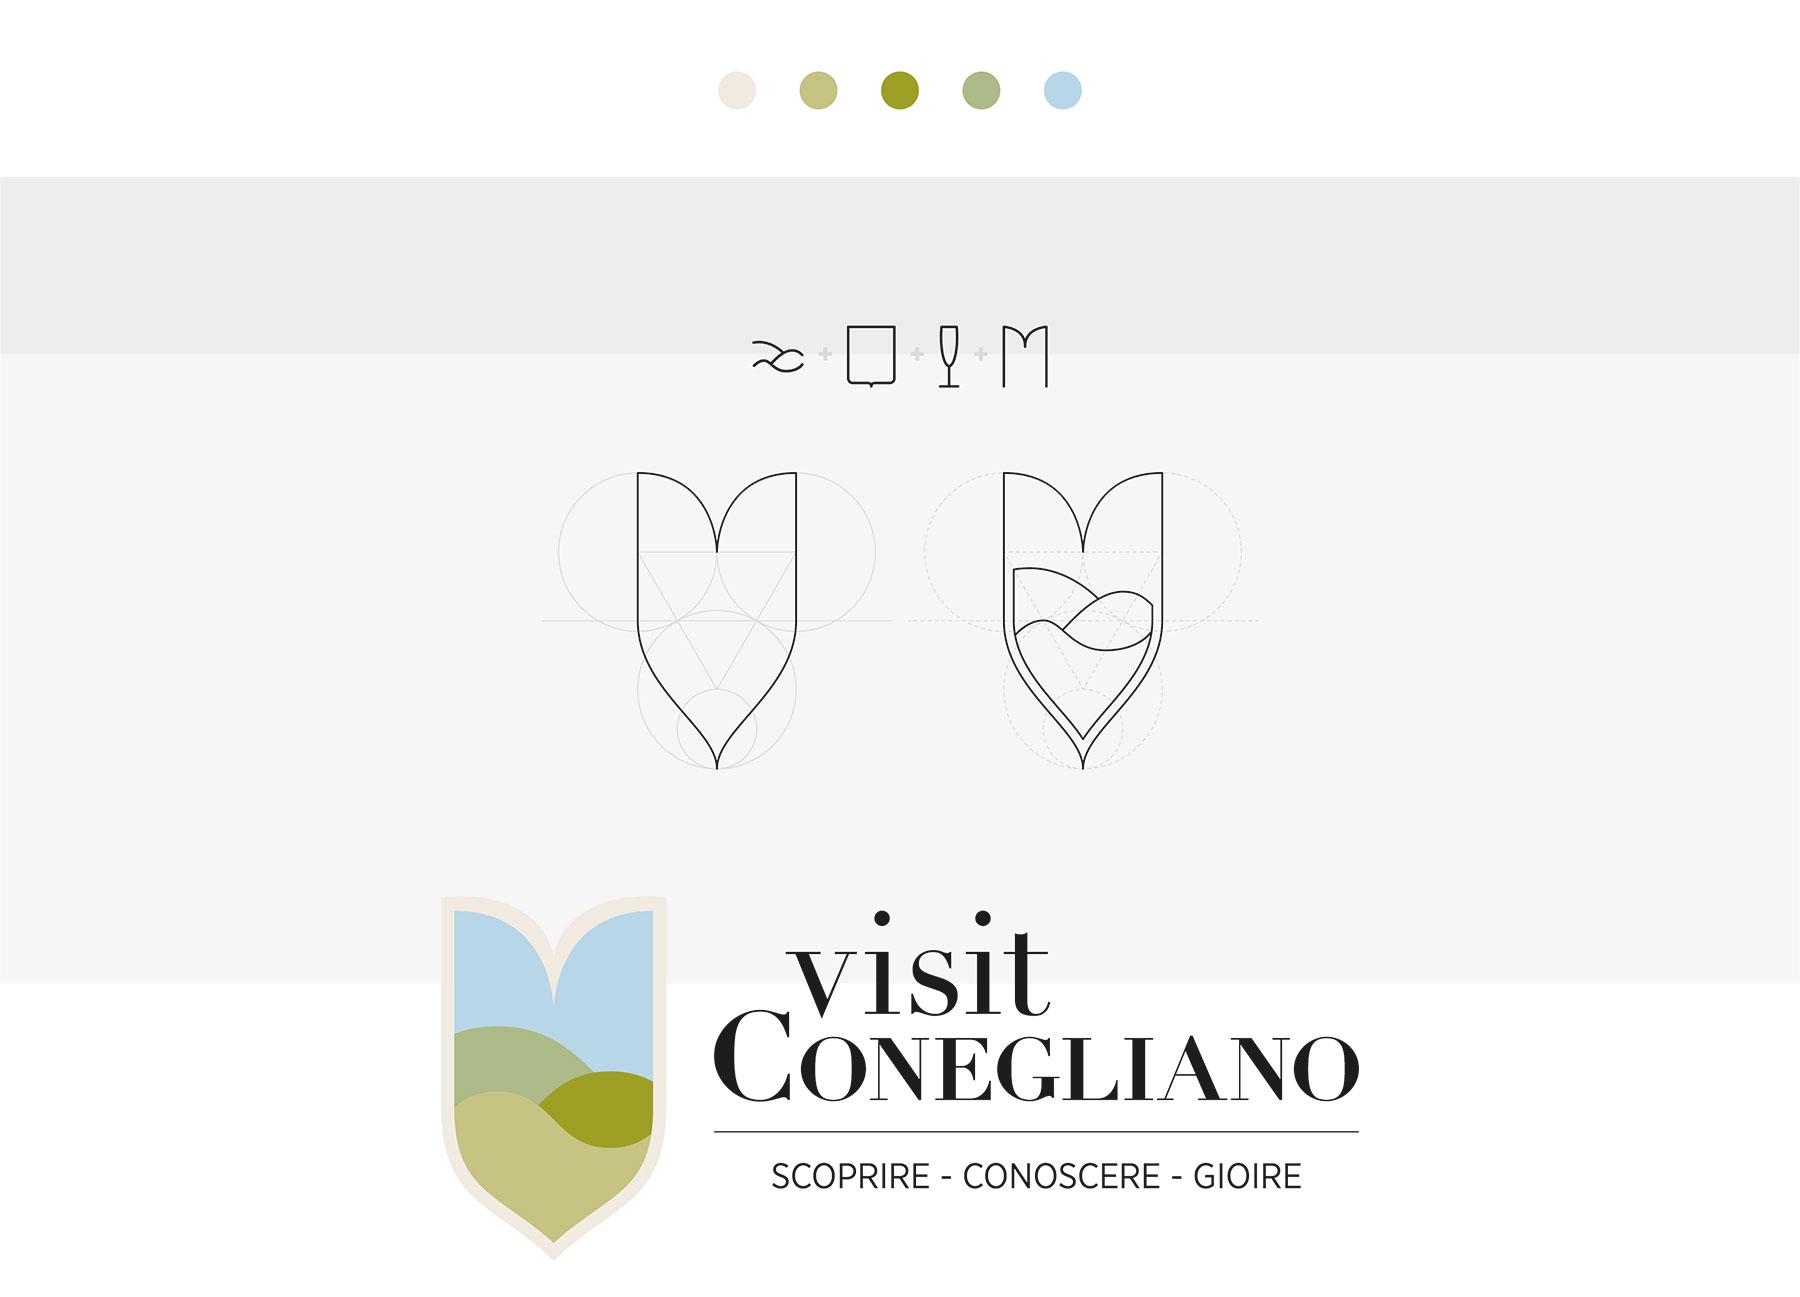 visit-conegliano-website-turismo-logo